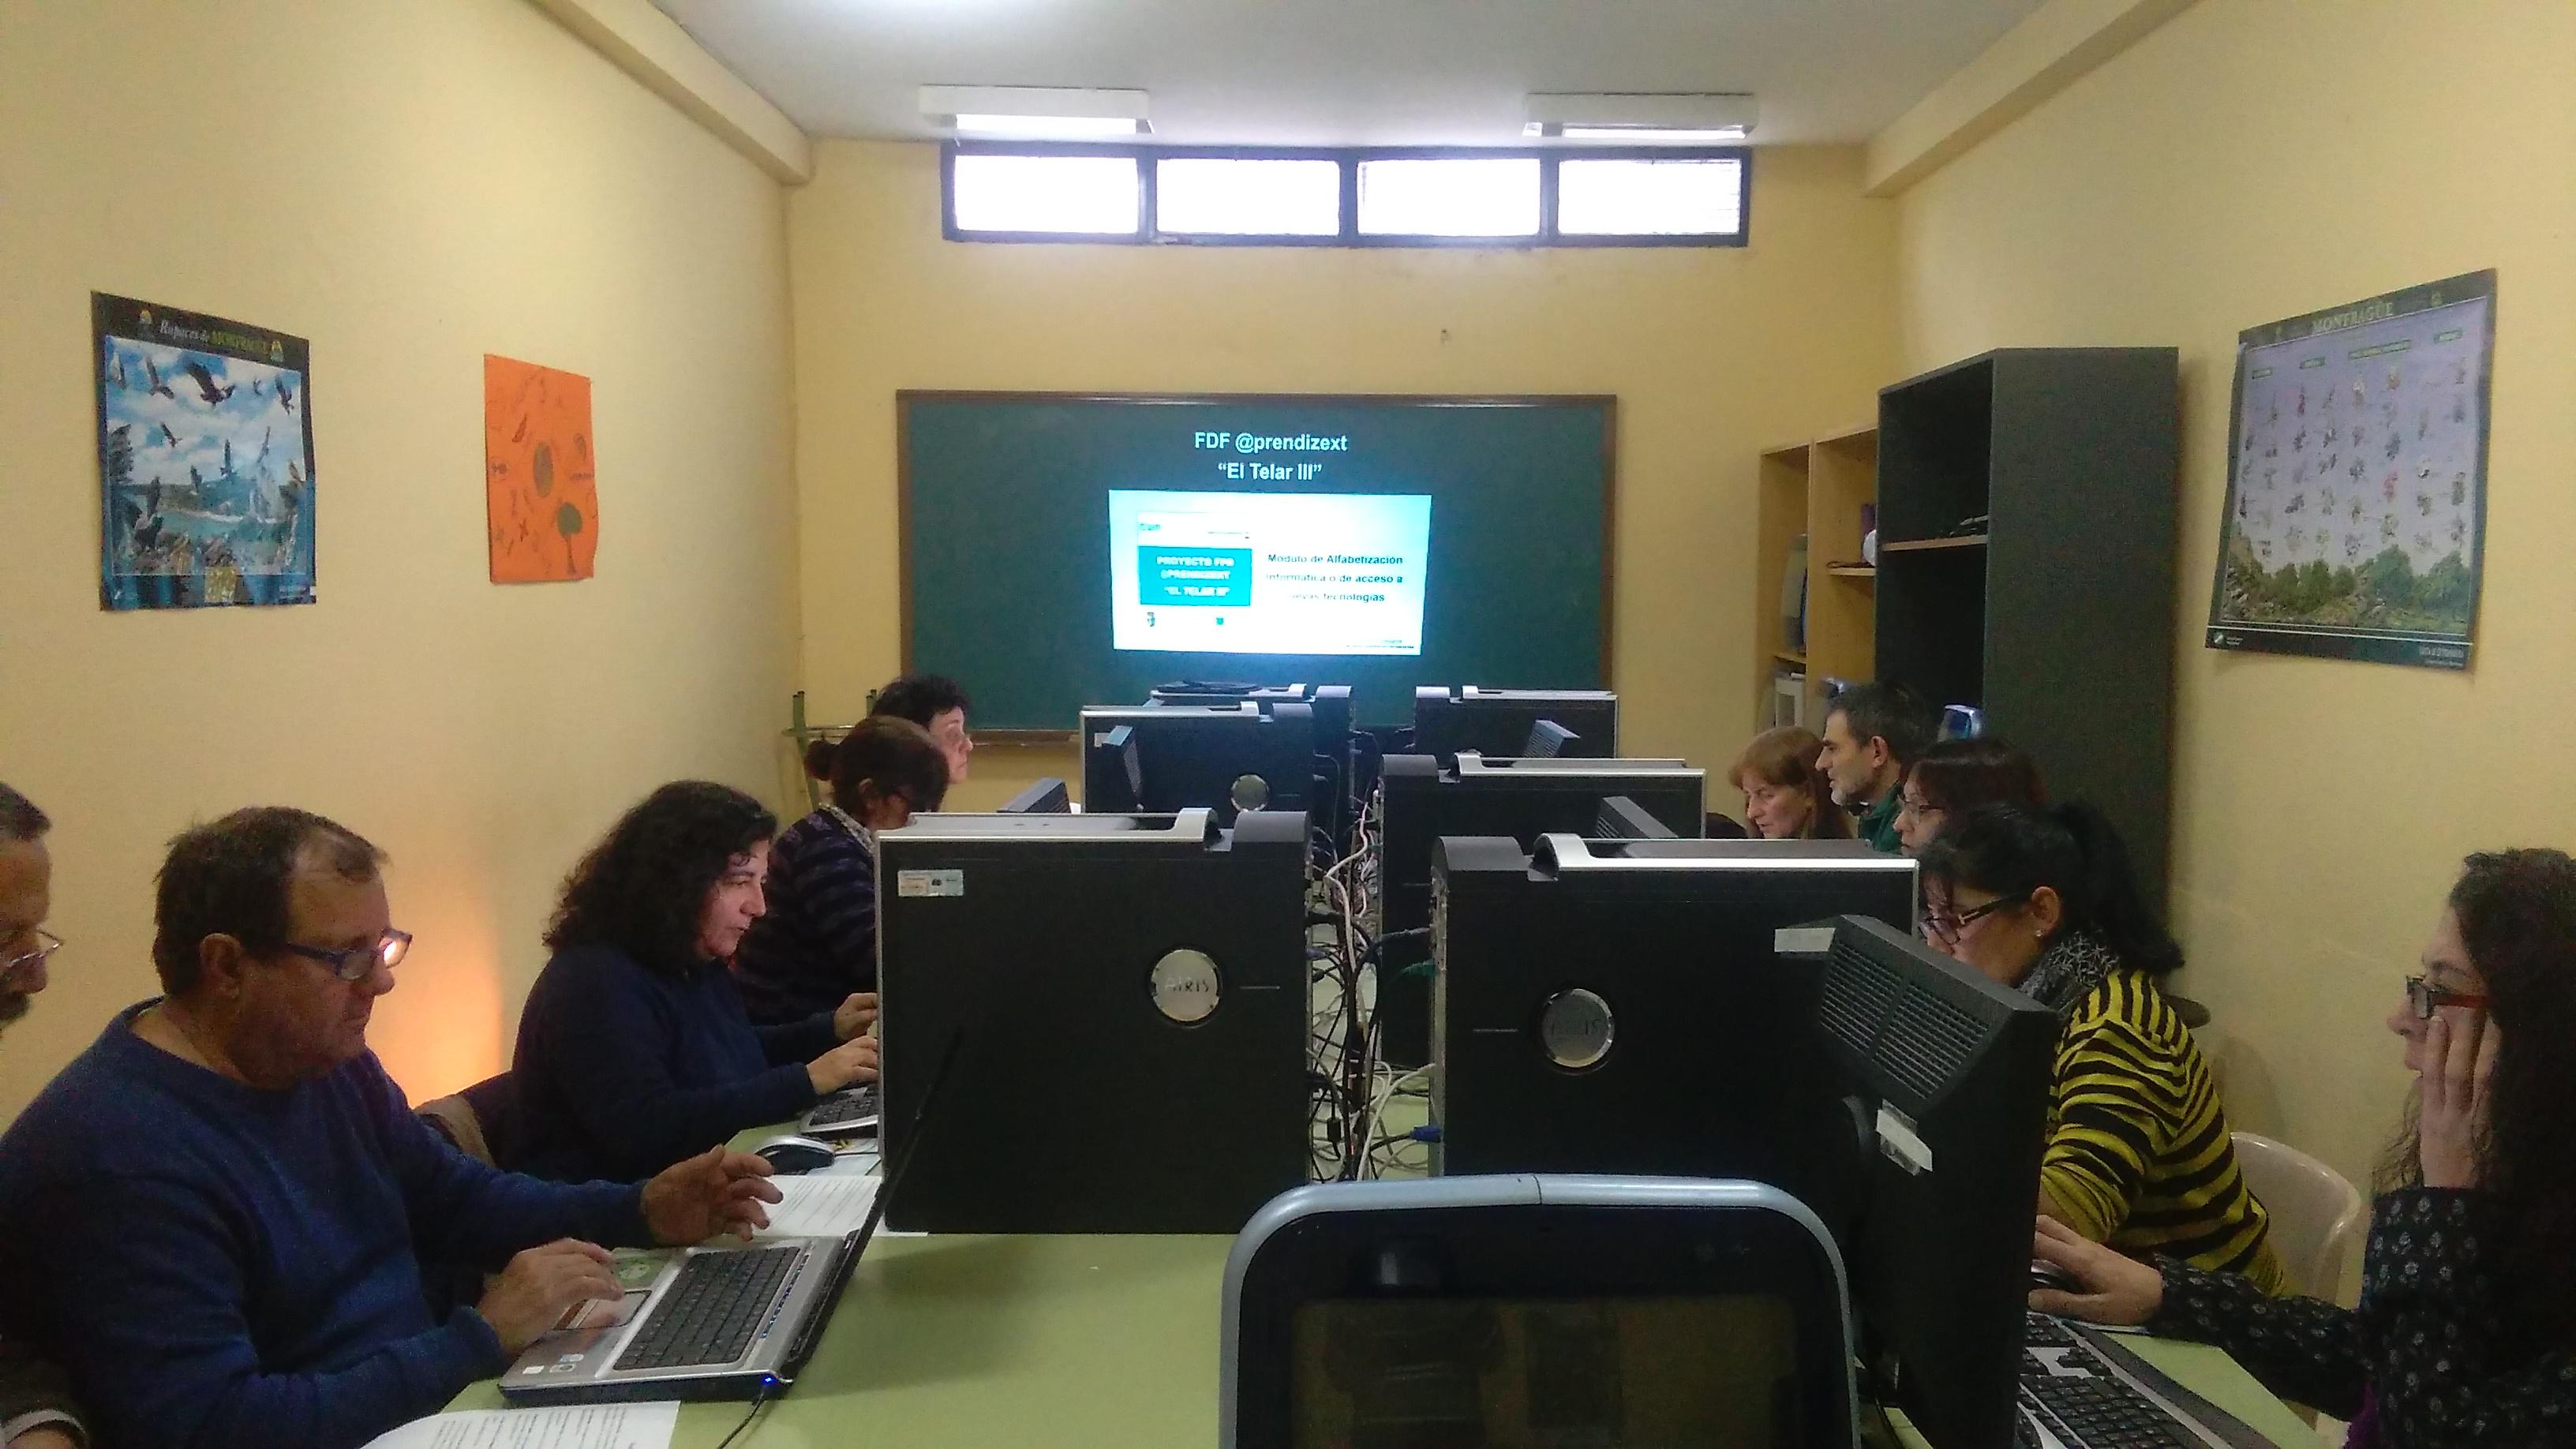 """Módulo de Alfabetización Informática FDF @prendizext """"El Telar III"""""""